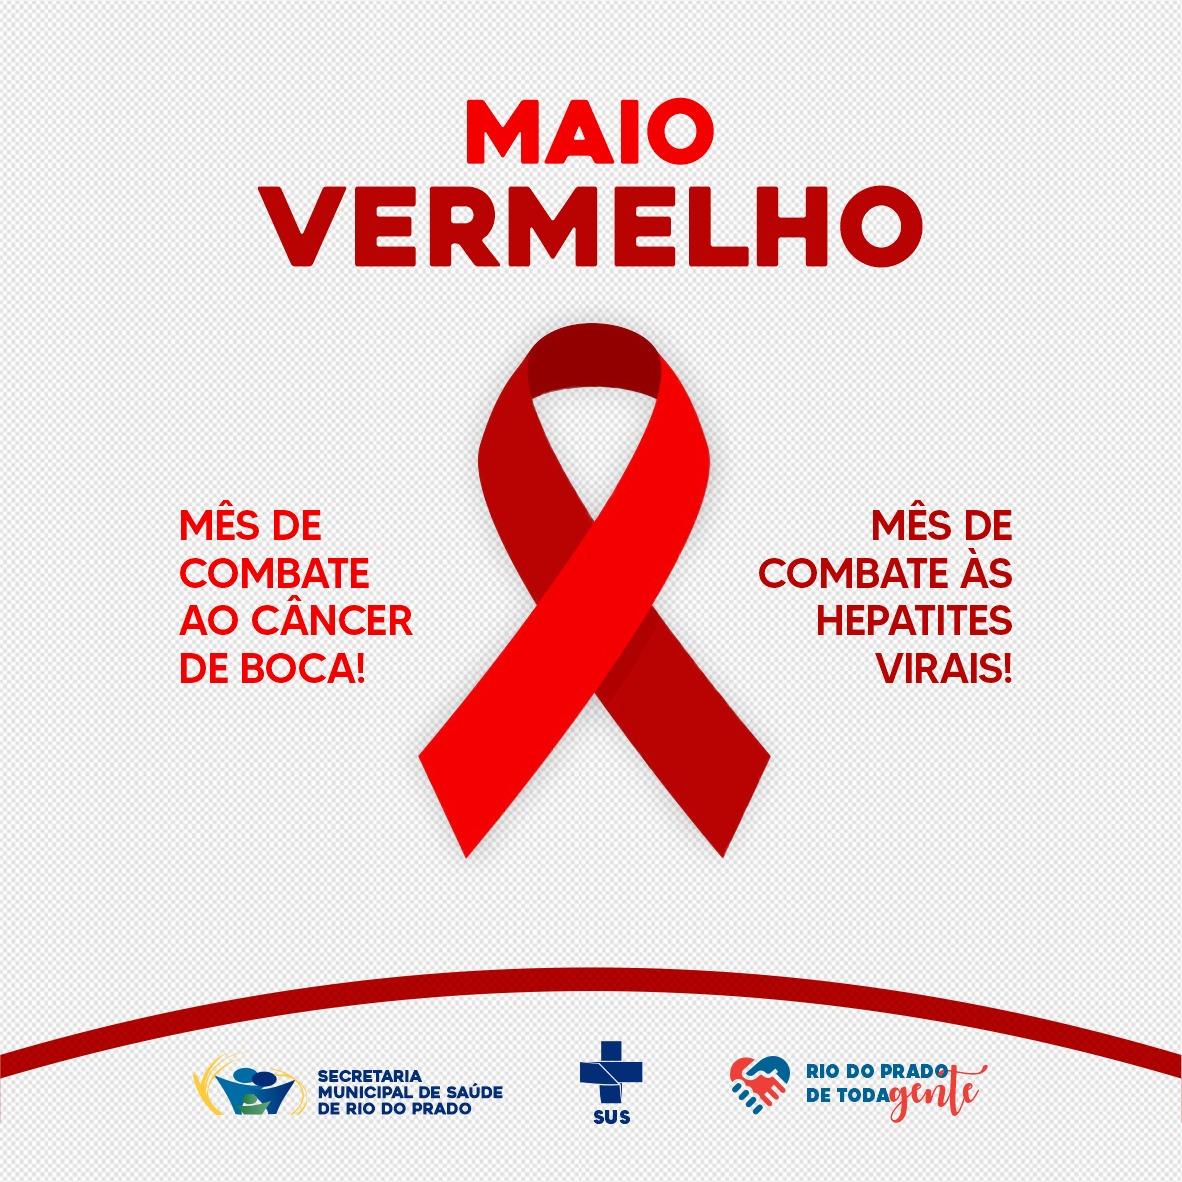 MAIO VERMELHO